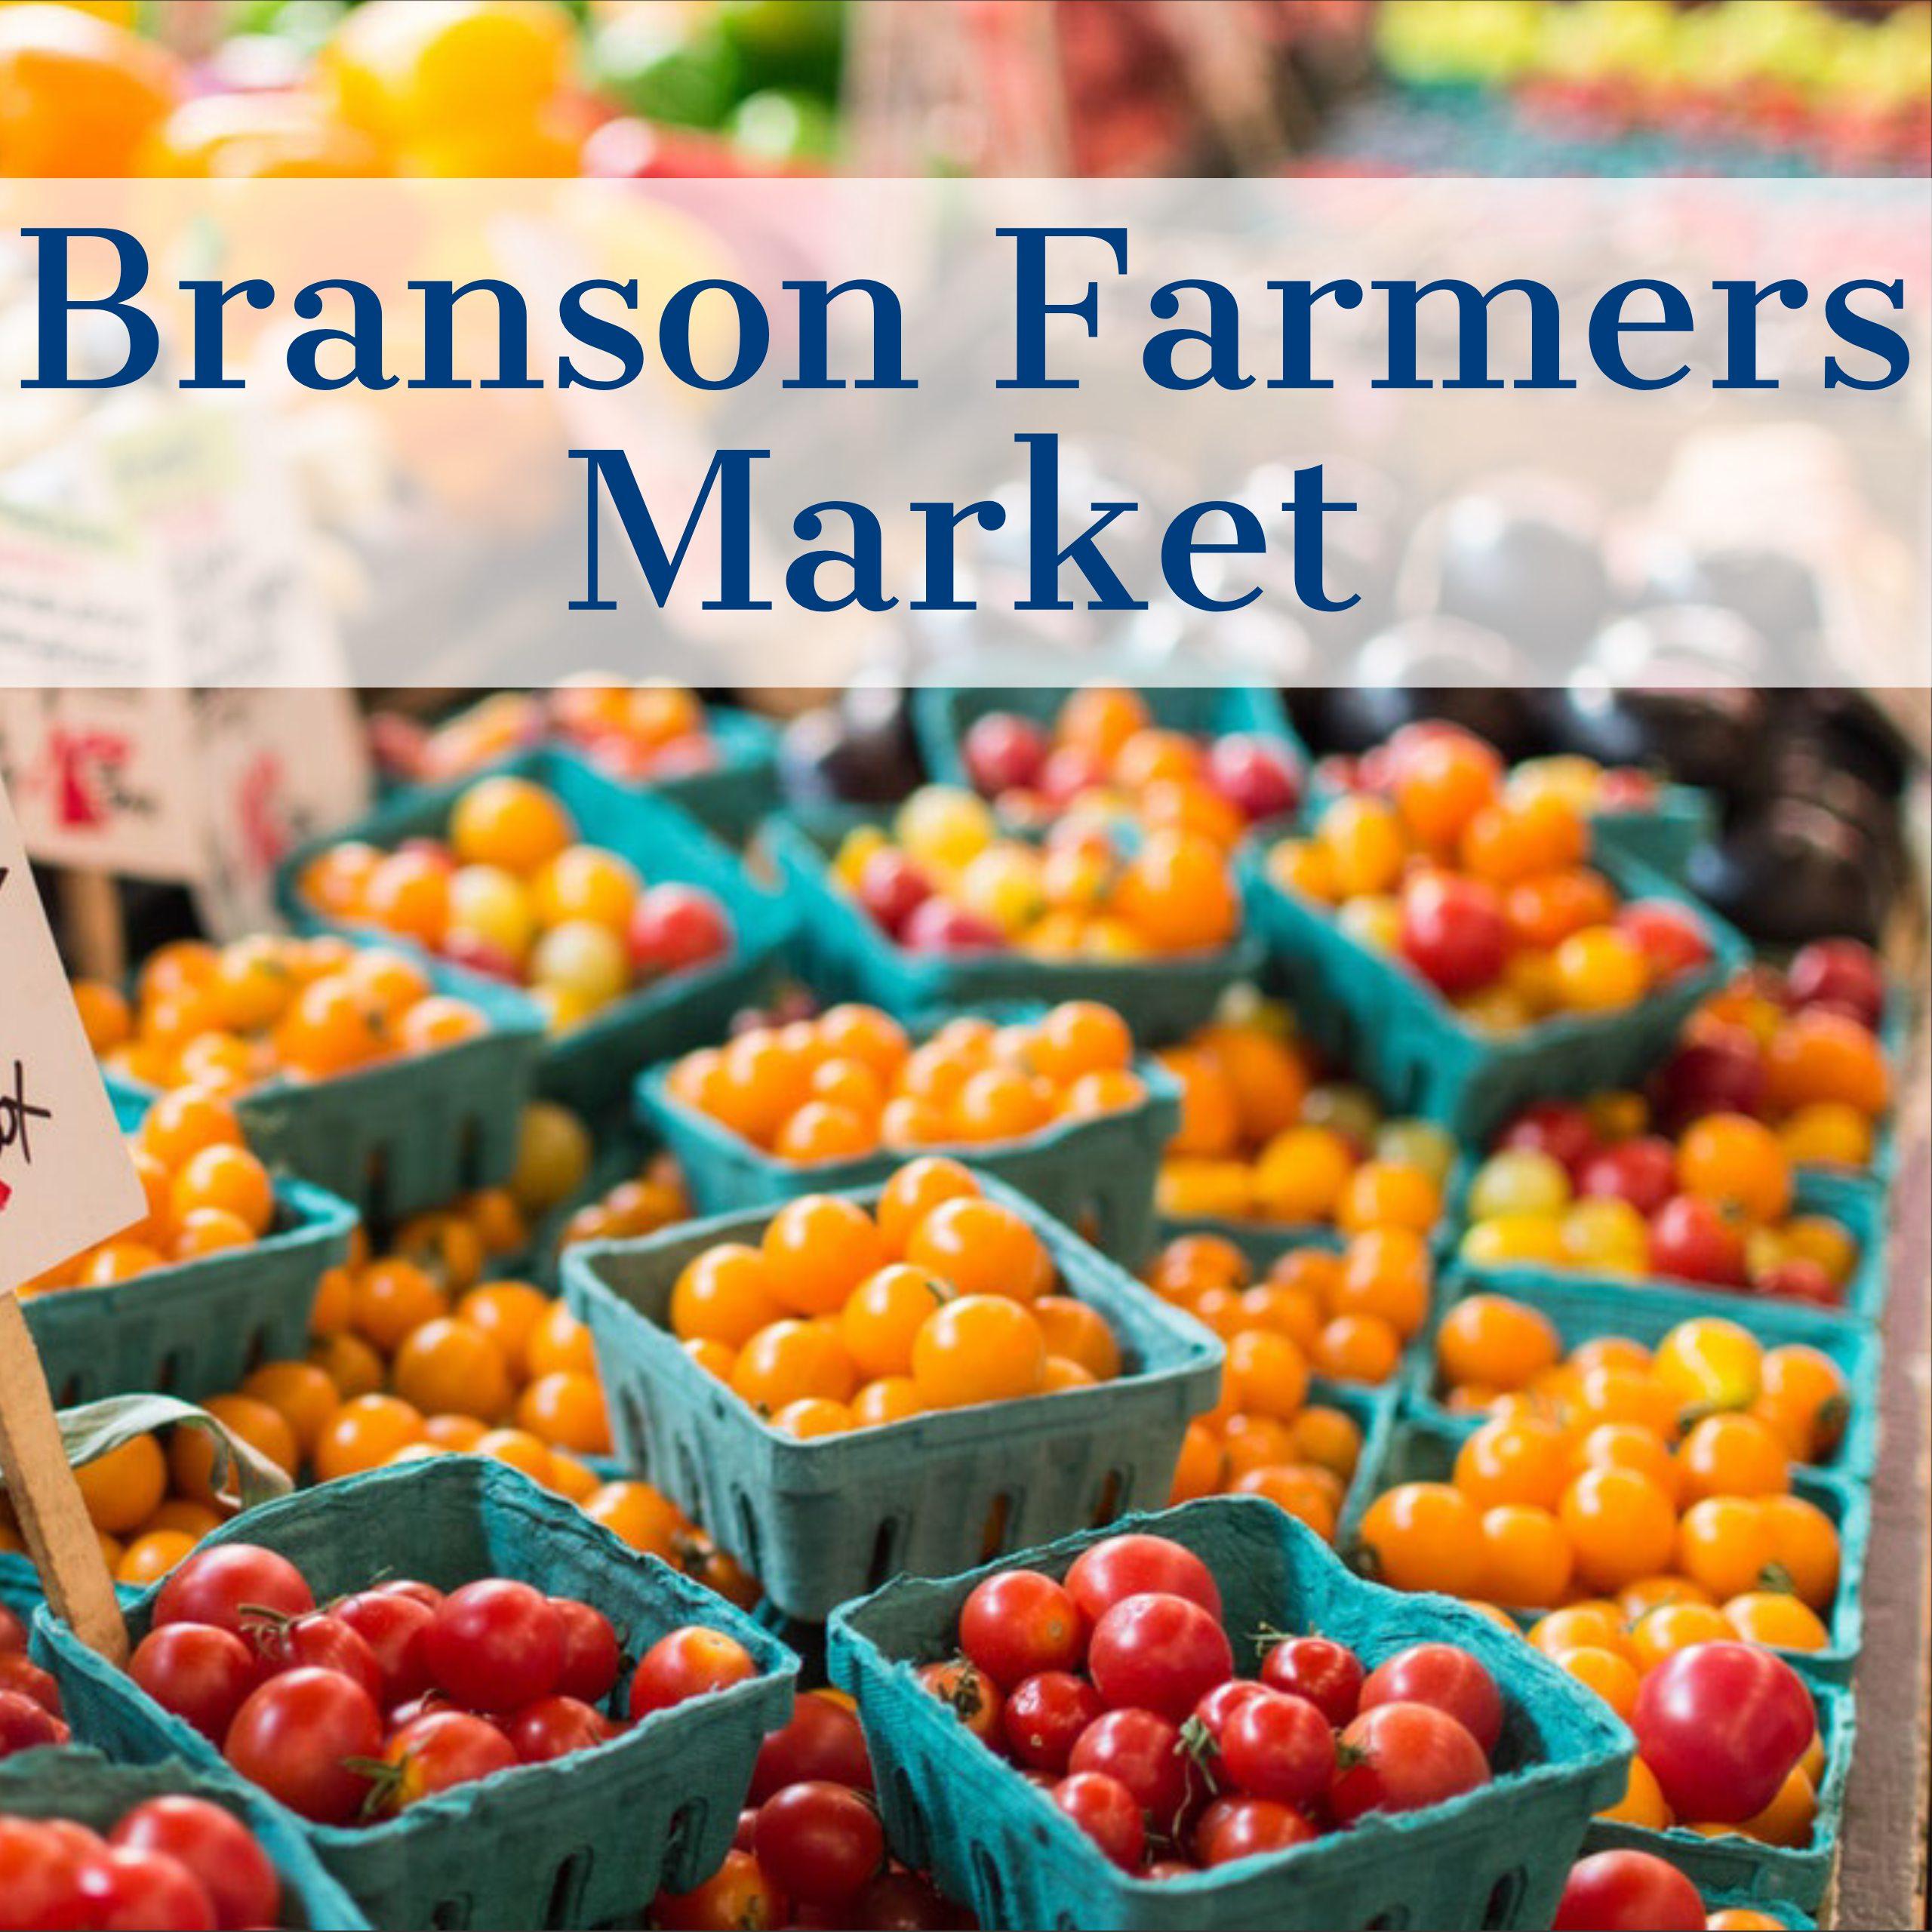 Branson Landing Farmers Market in Branson, MO